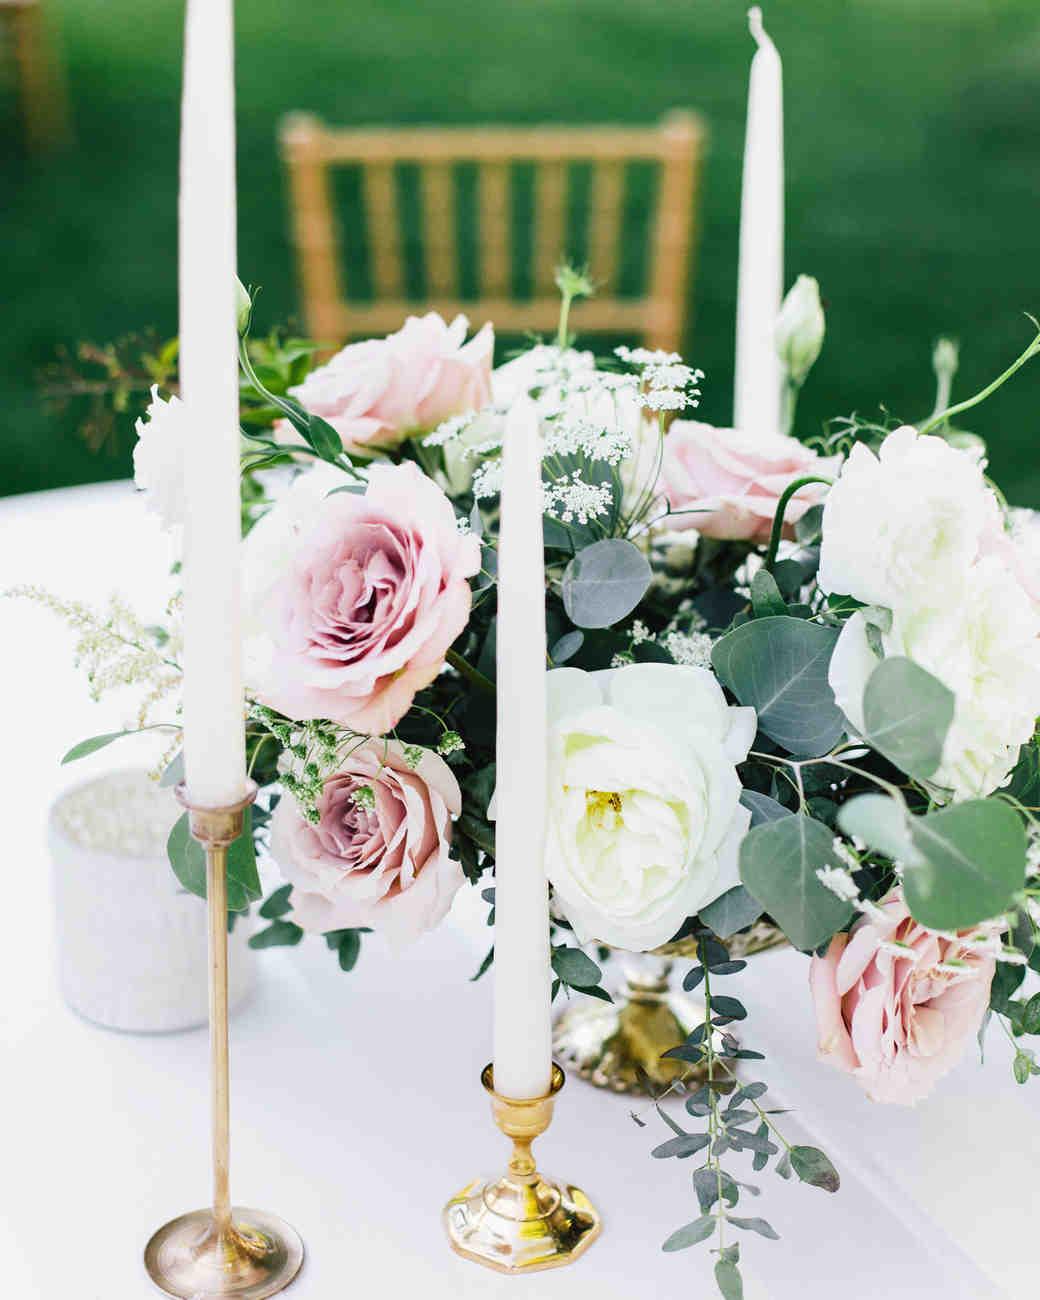 50 wedding centerpiece ideas we love martha stewart weddings rh marthastewartweddings com wedding table centerpieces non flowers wedding table centerpieces silk flowers